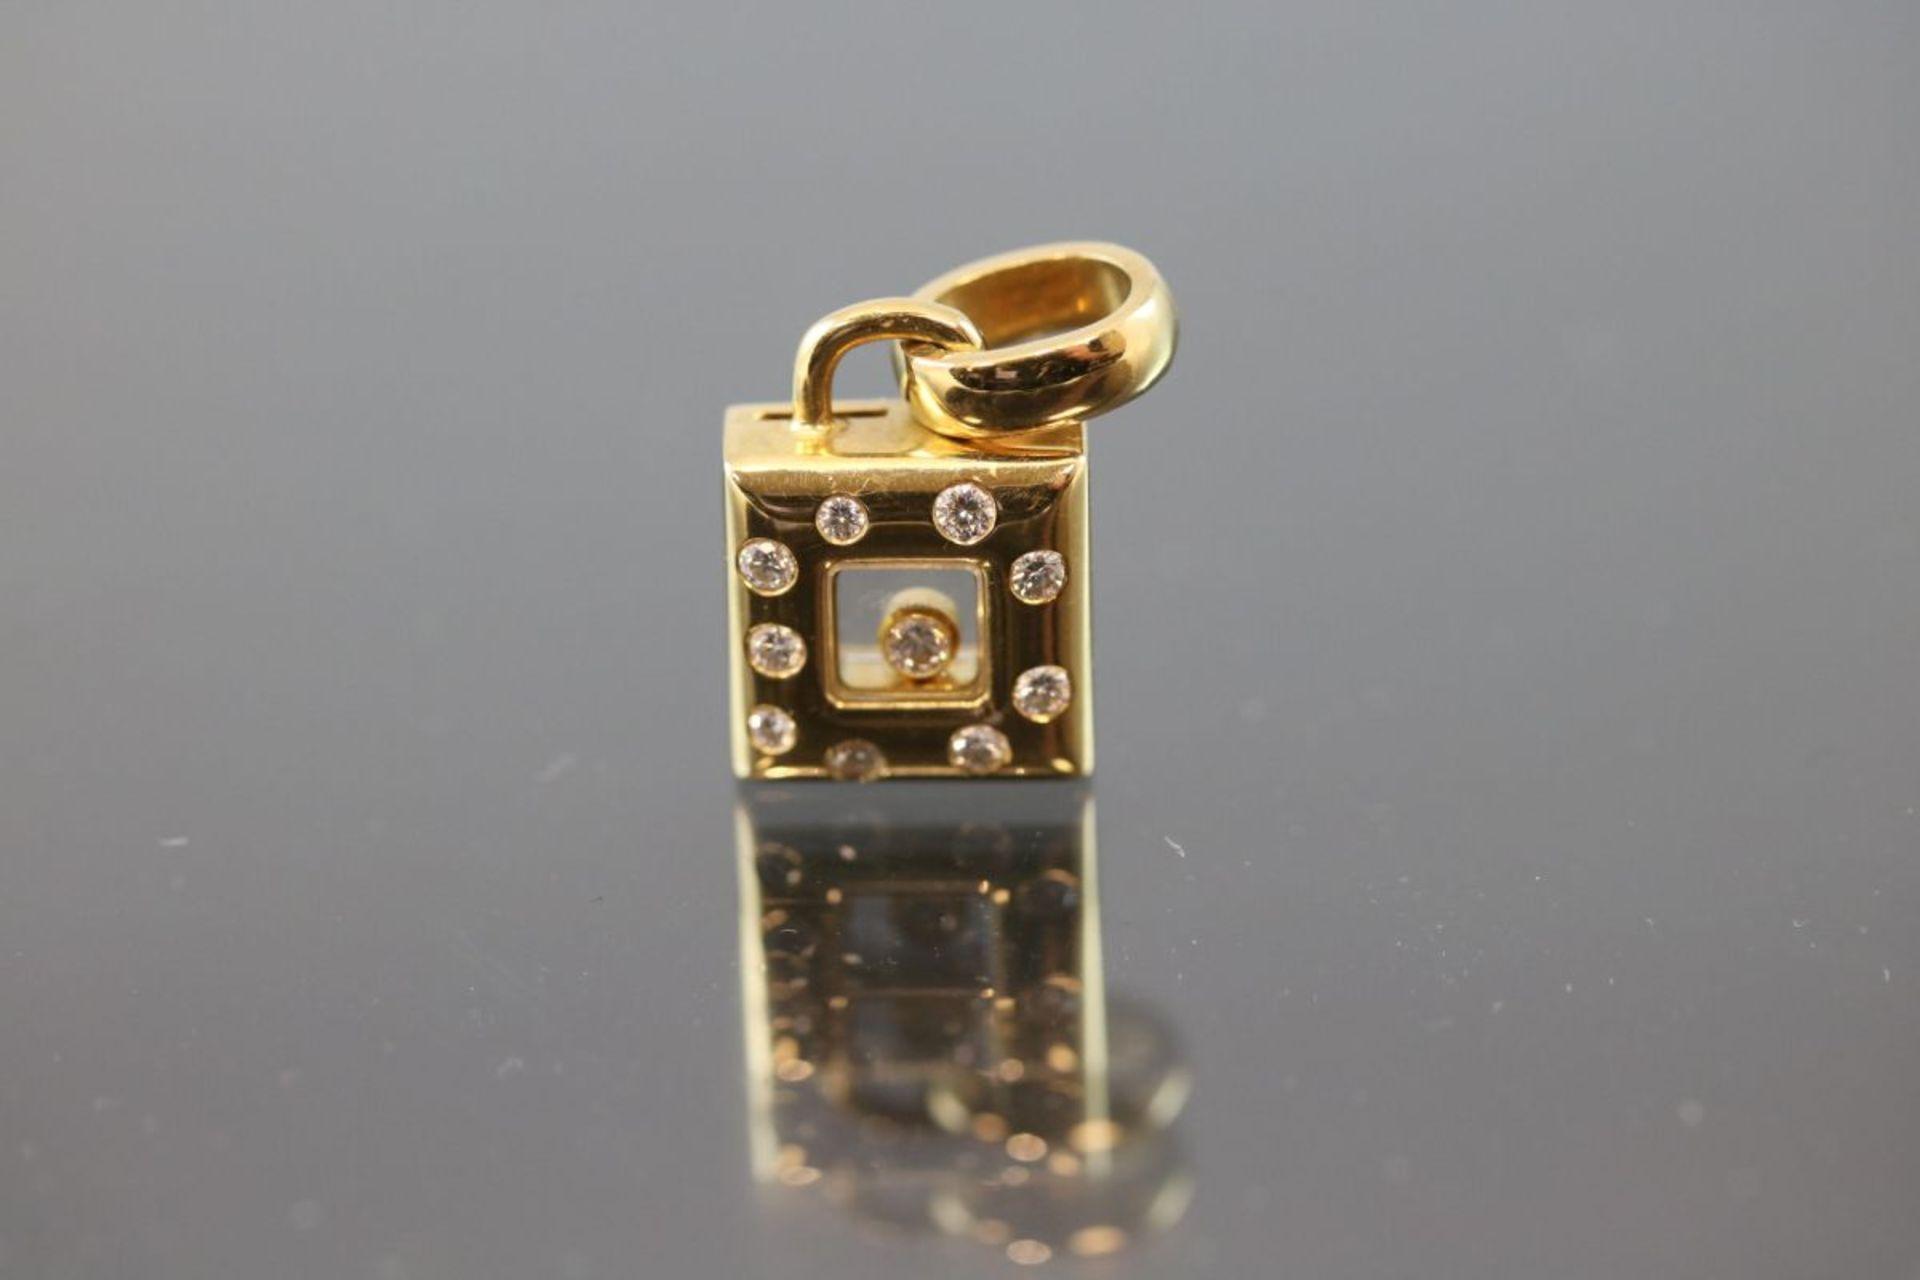 Chopard-Brillant-Anhänger, 750 Gold7,7 Gramm 10 Brillanten, 0,30 ct., tw/vsi. 9228786, 79/2486-20.